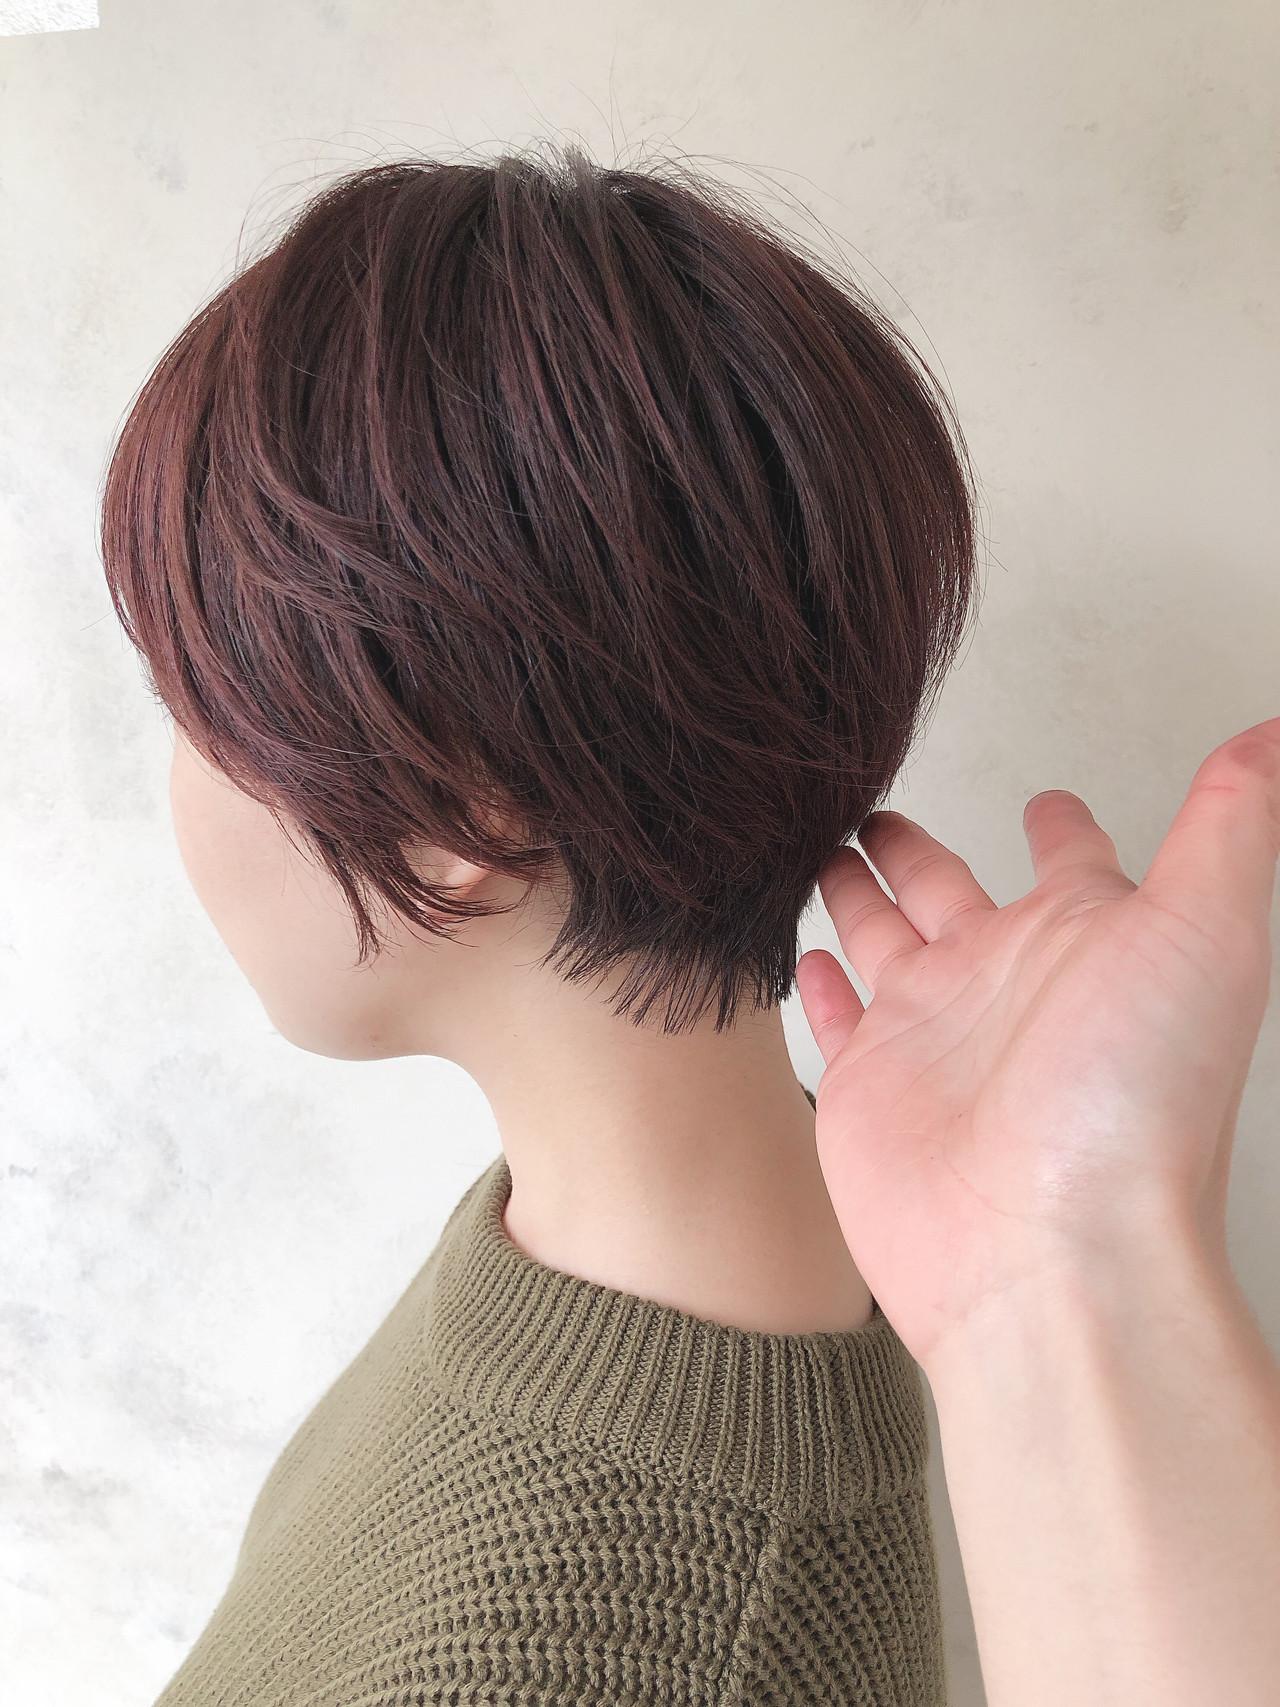 チェリーレッド ショートヘア 大人可愛い ナチュラル ヘアスタイルや髪型の写真・画像